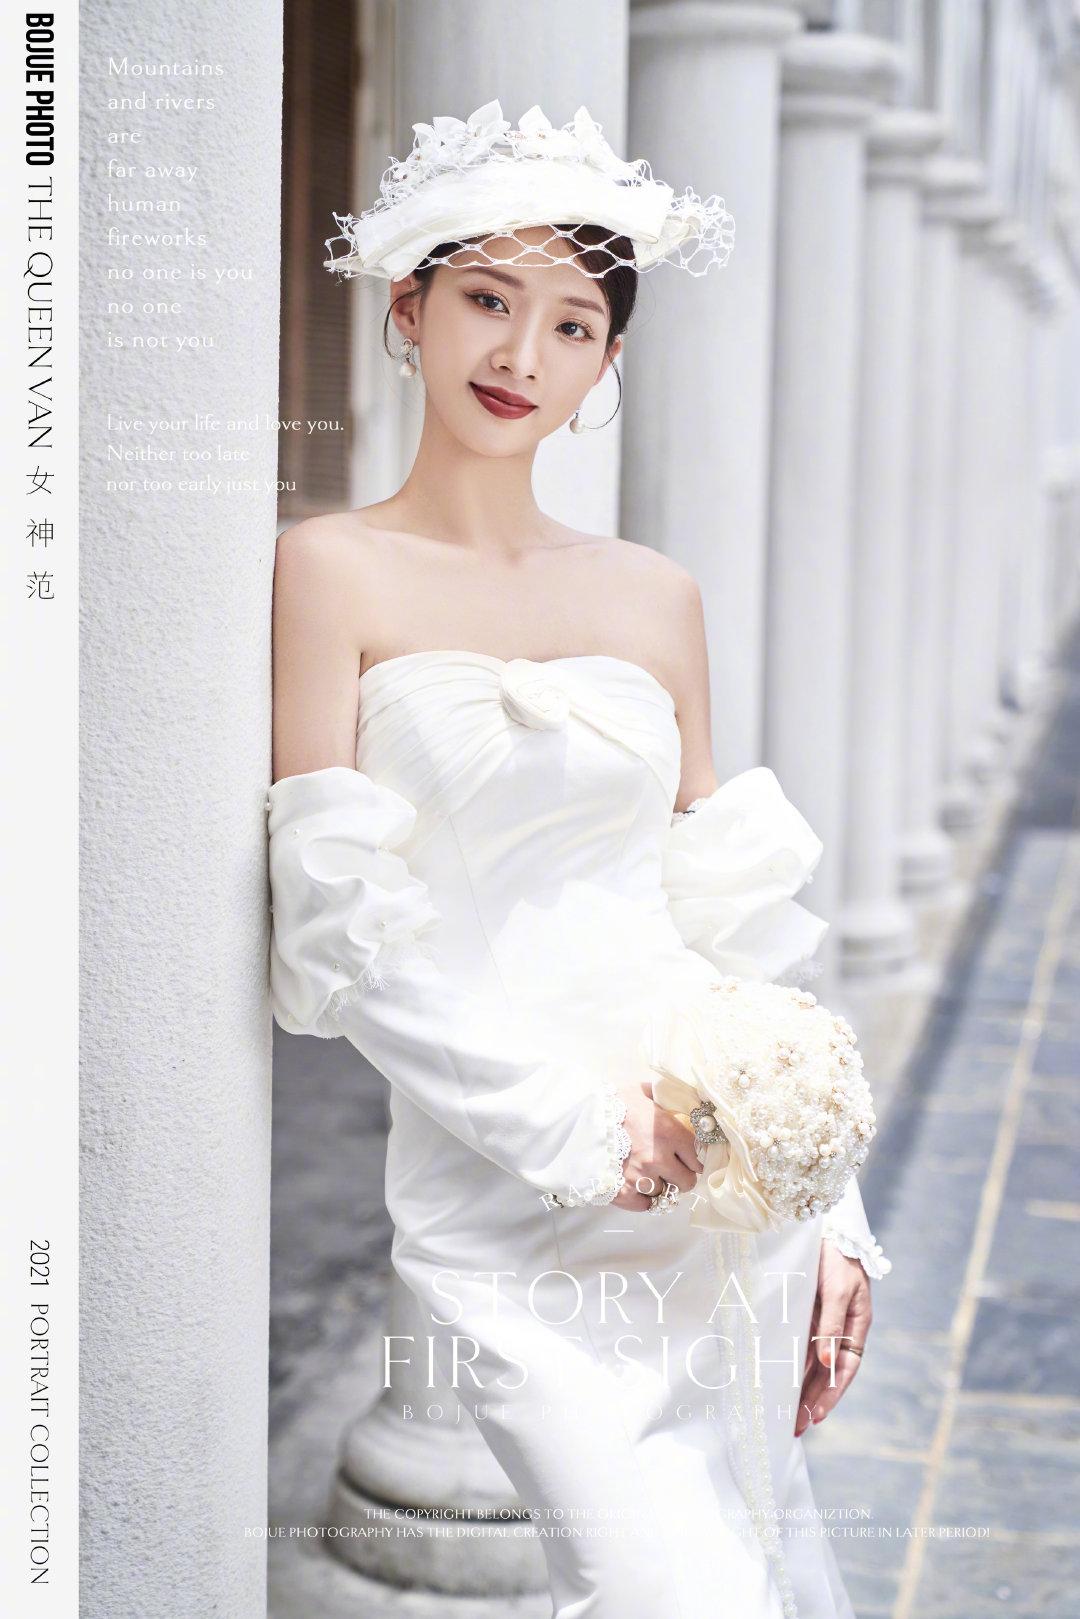 铂爵旅拍婚纱照 难忘深圳婚纱摄影之旅